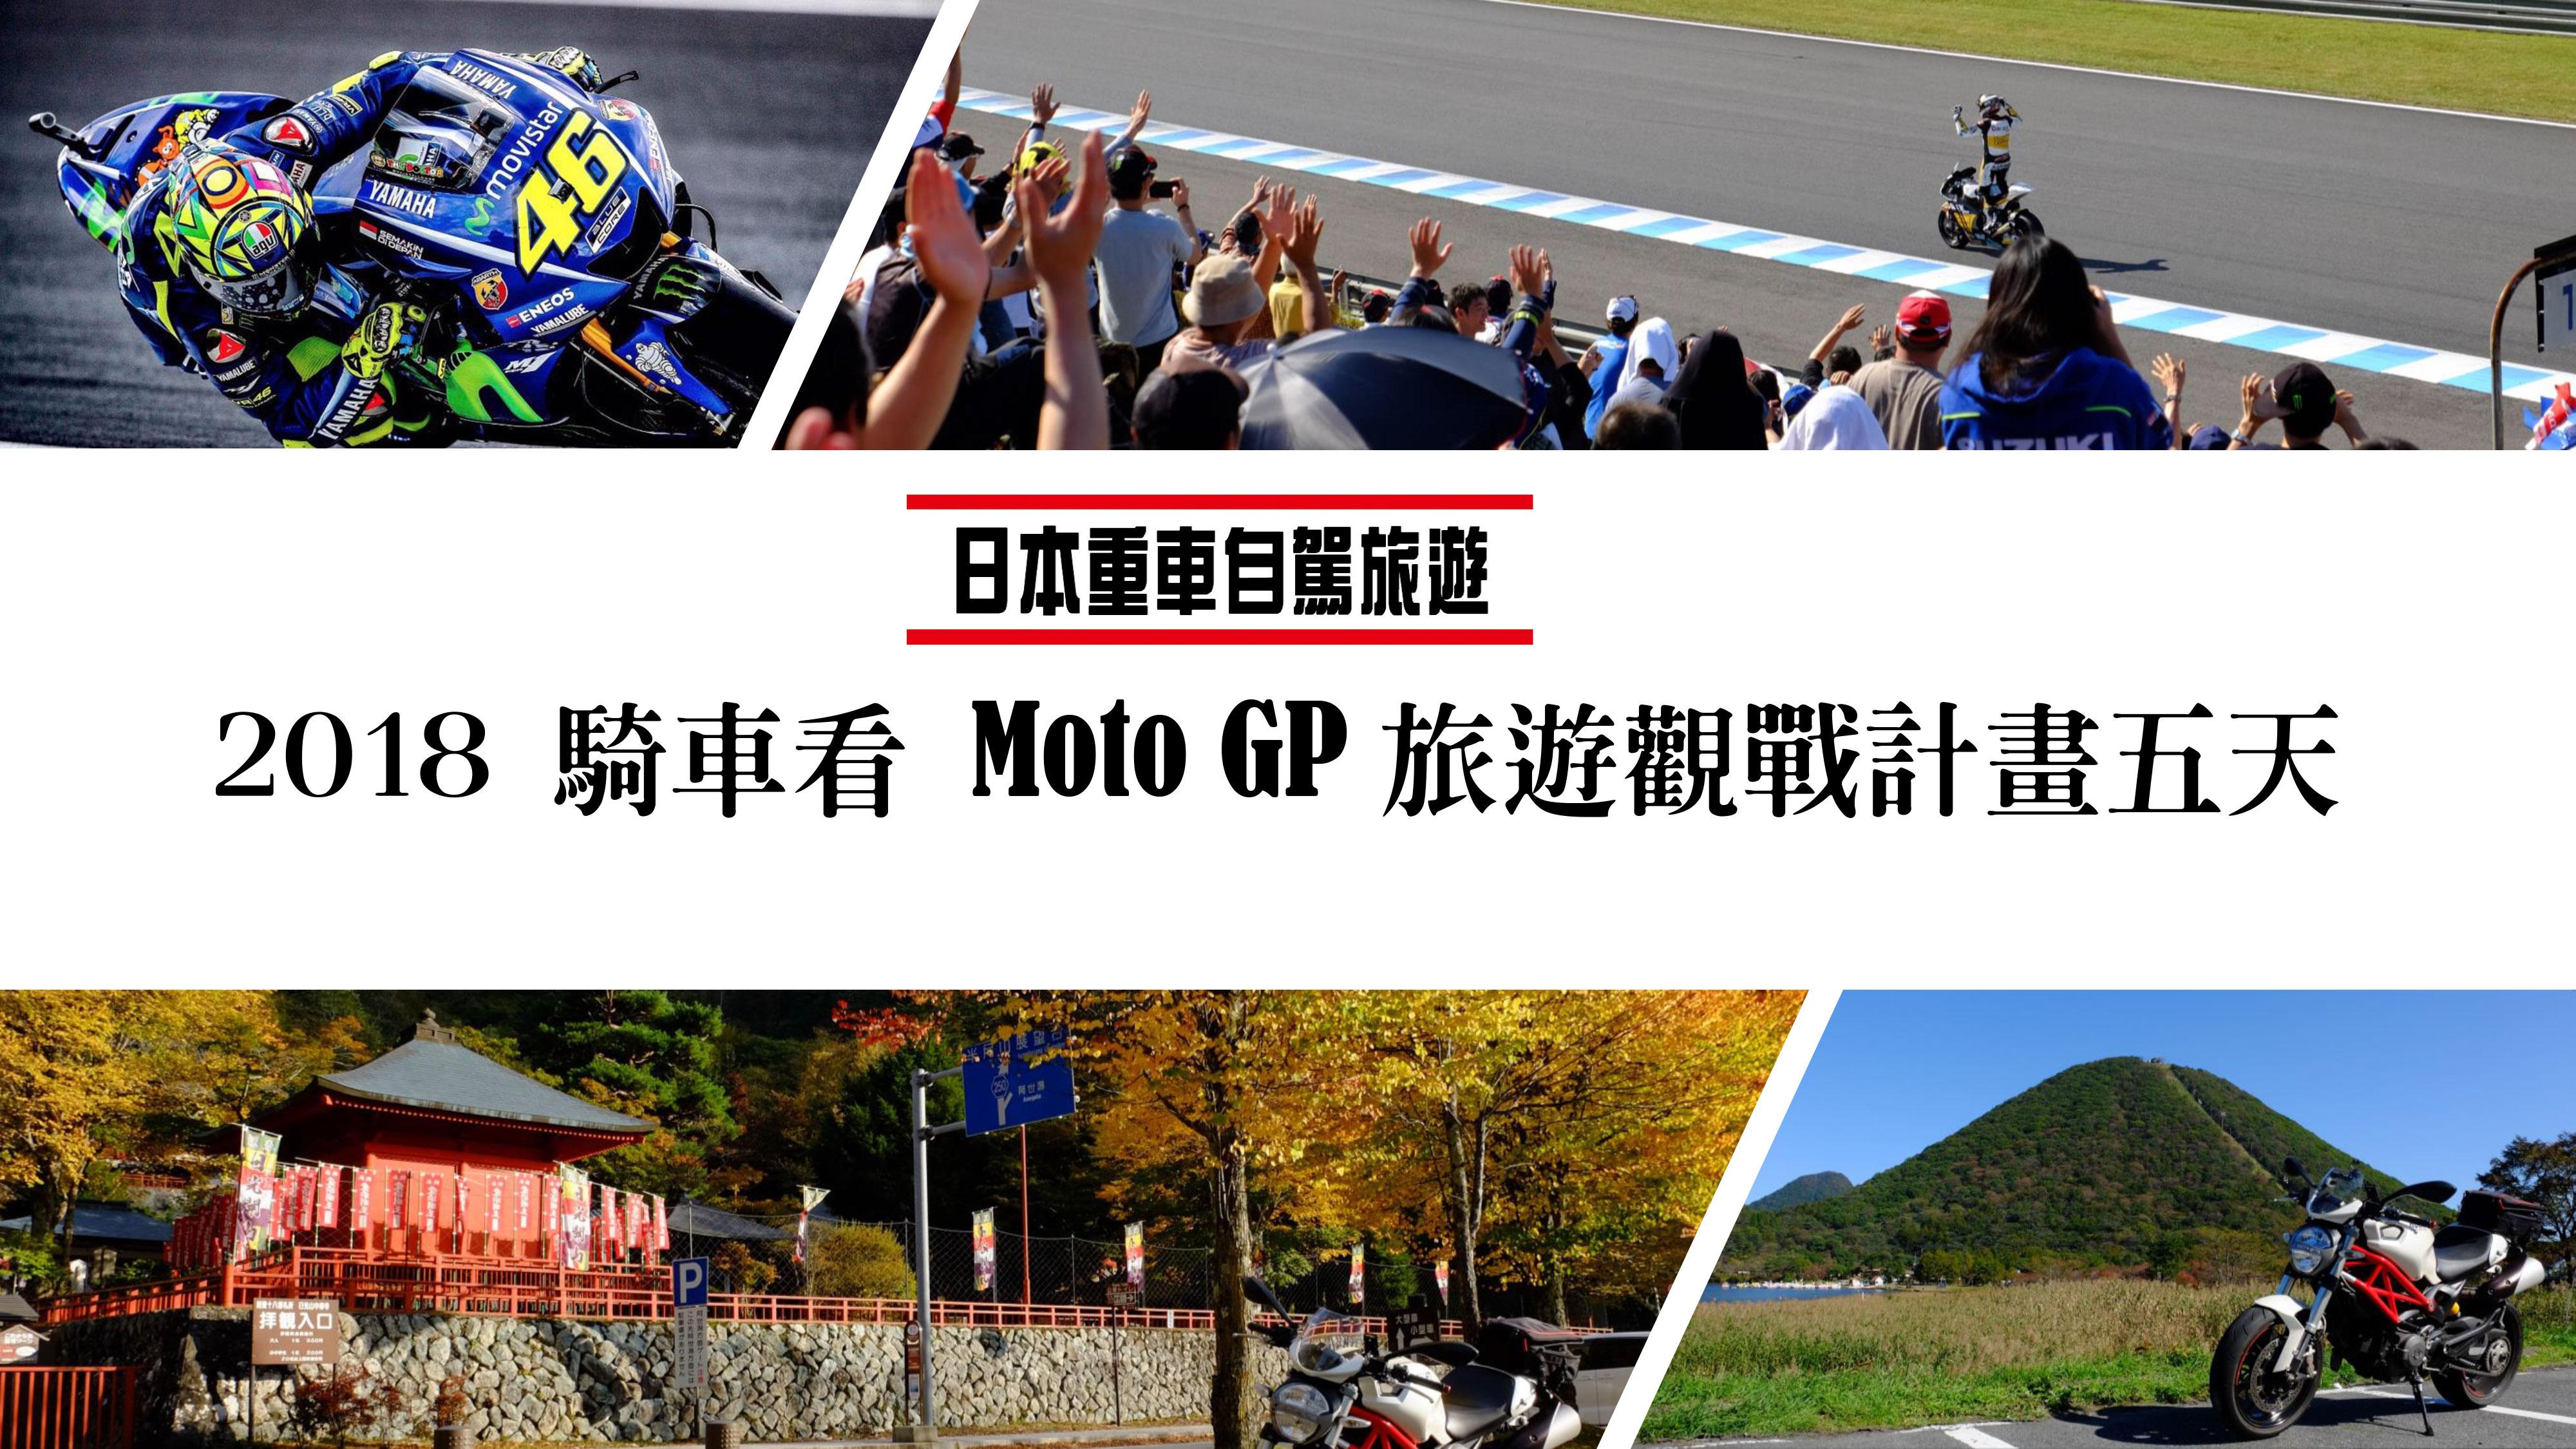 2018-騎車看-Moto-GP-旅遊觀戰計畫五天